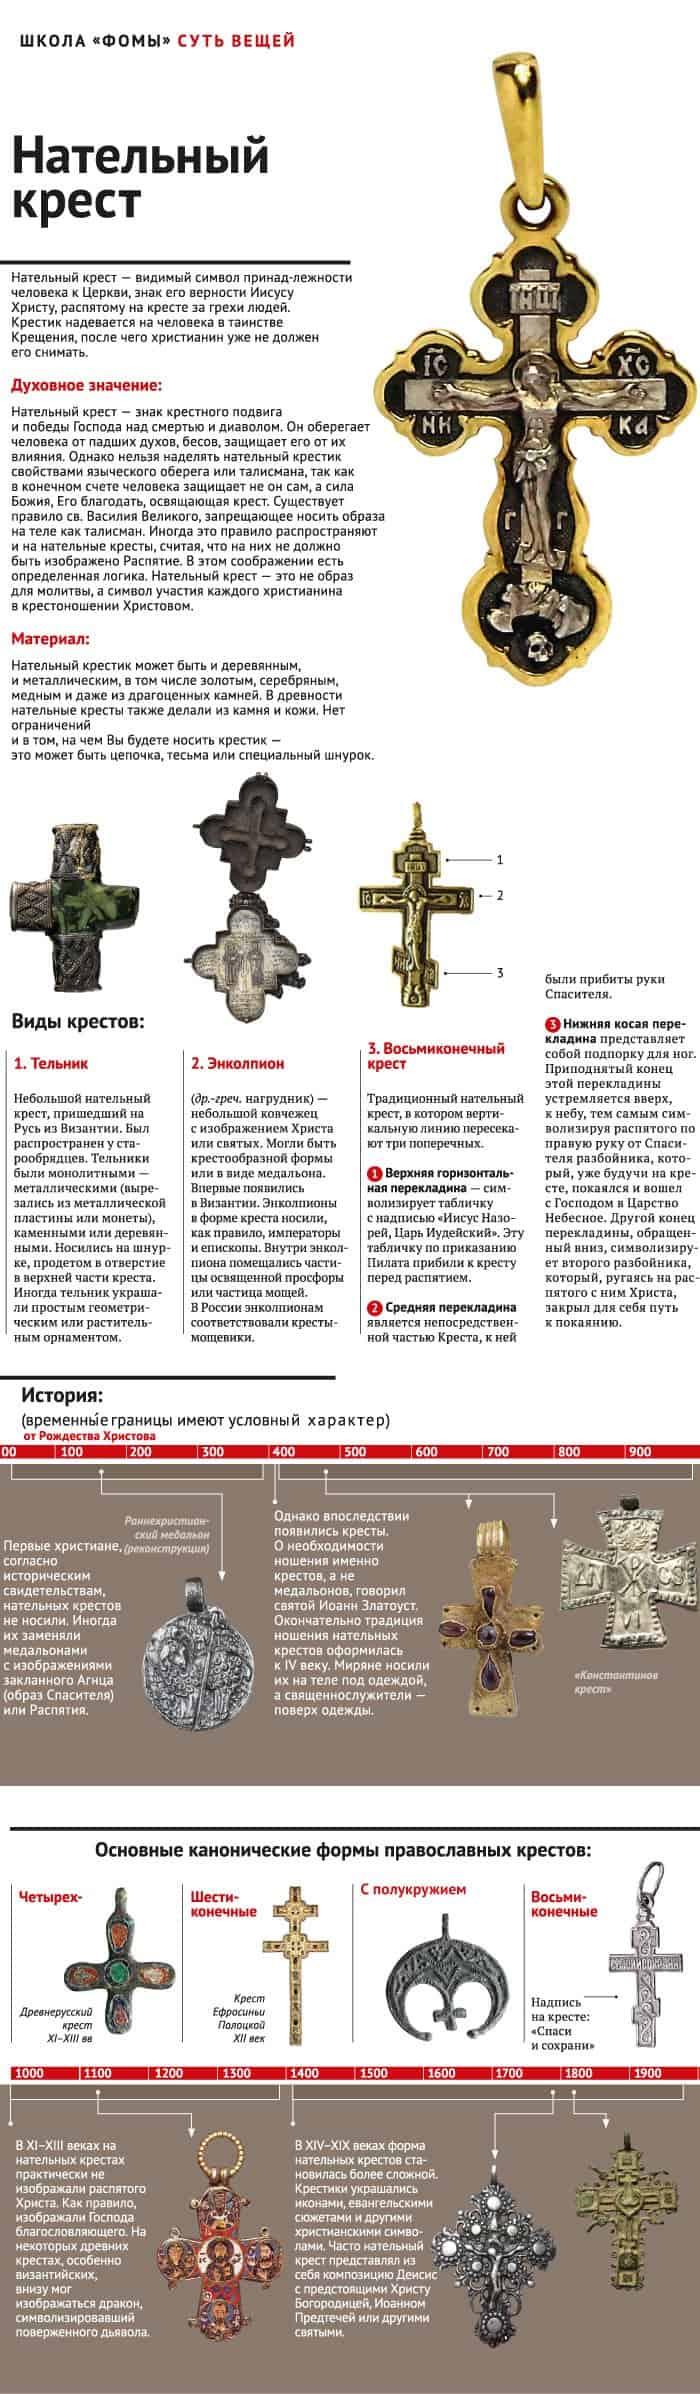 info_krest